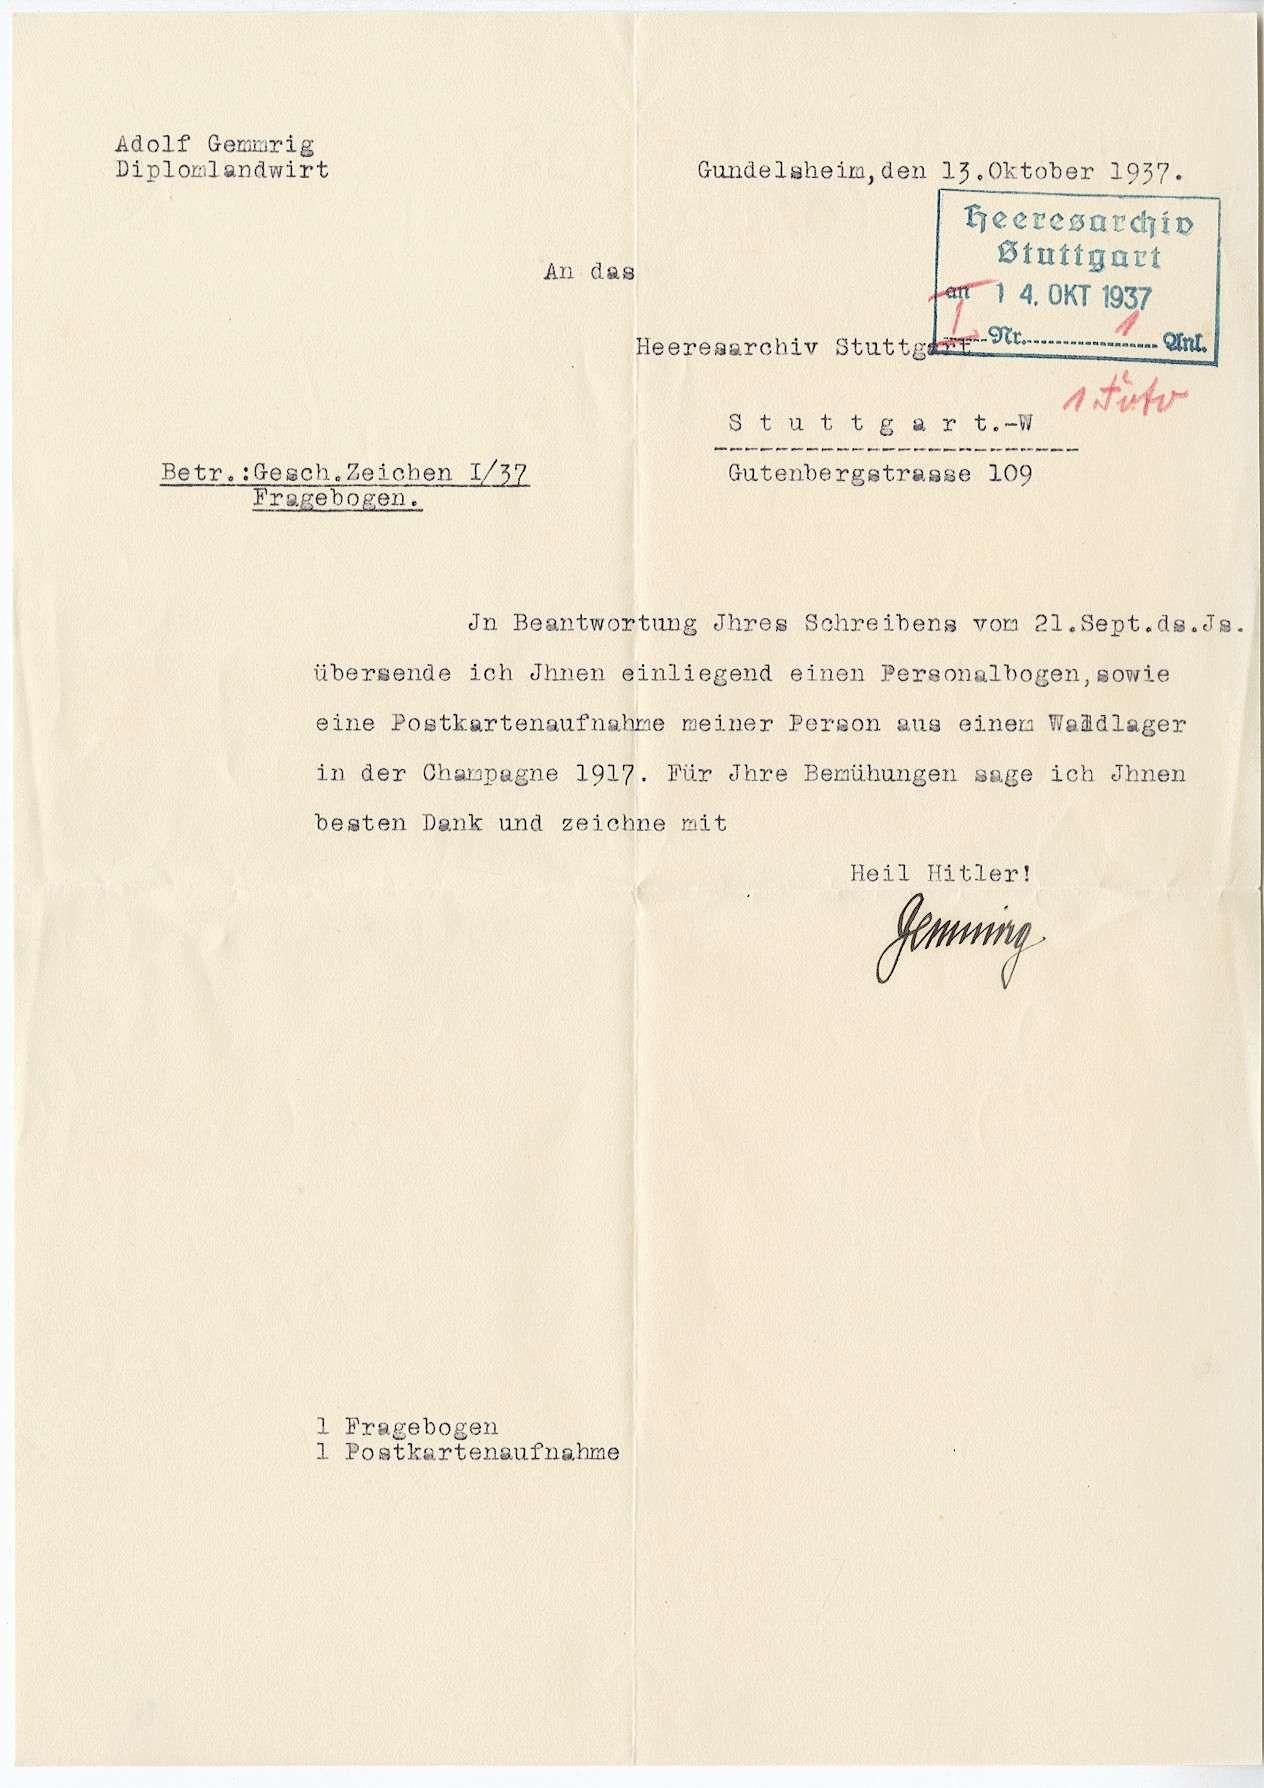 Gemmrig, Adolf, Bild 2